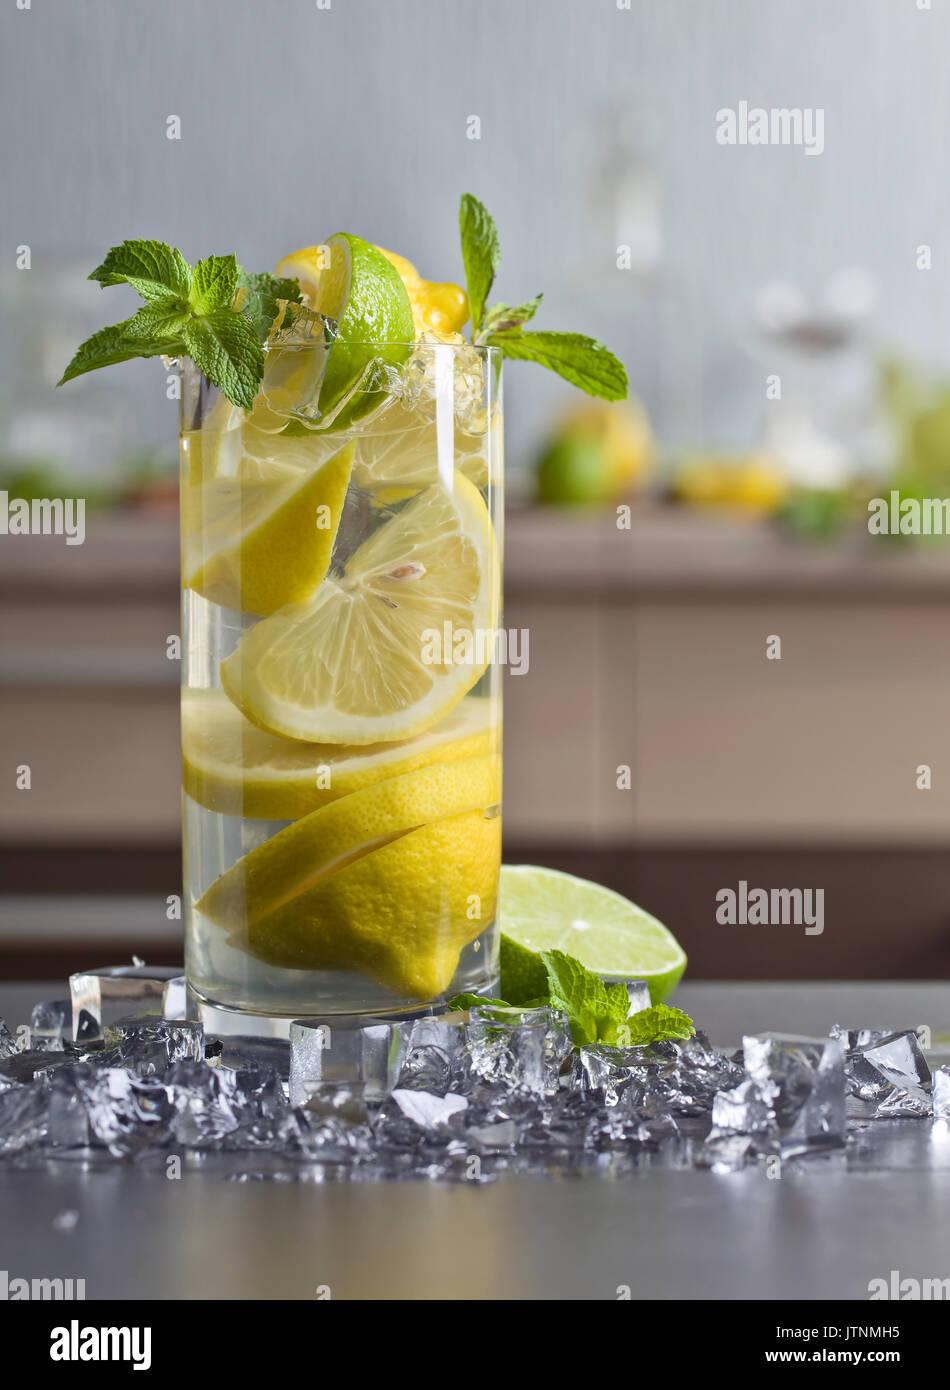 Cocktail con calce , Limone , ghiaccio e foglie di menta piperita su una tavola nera . Immagini Stock